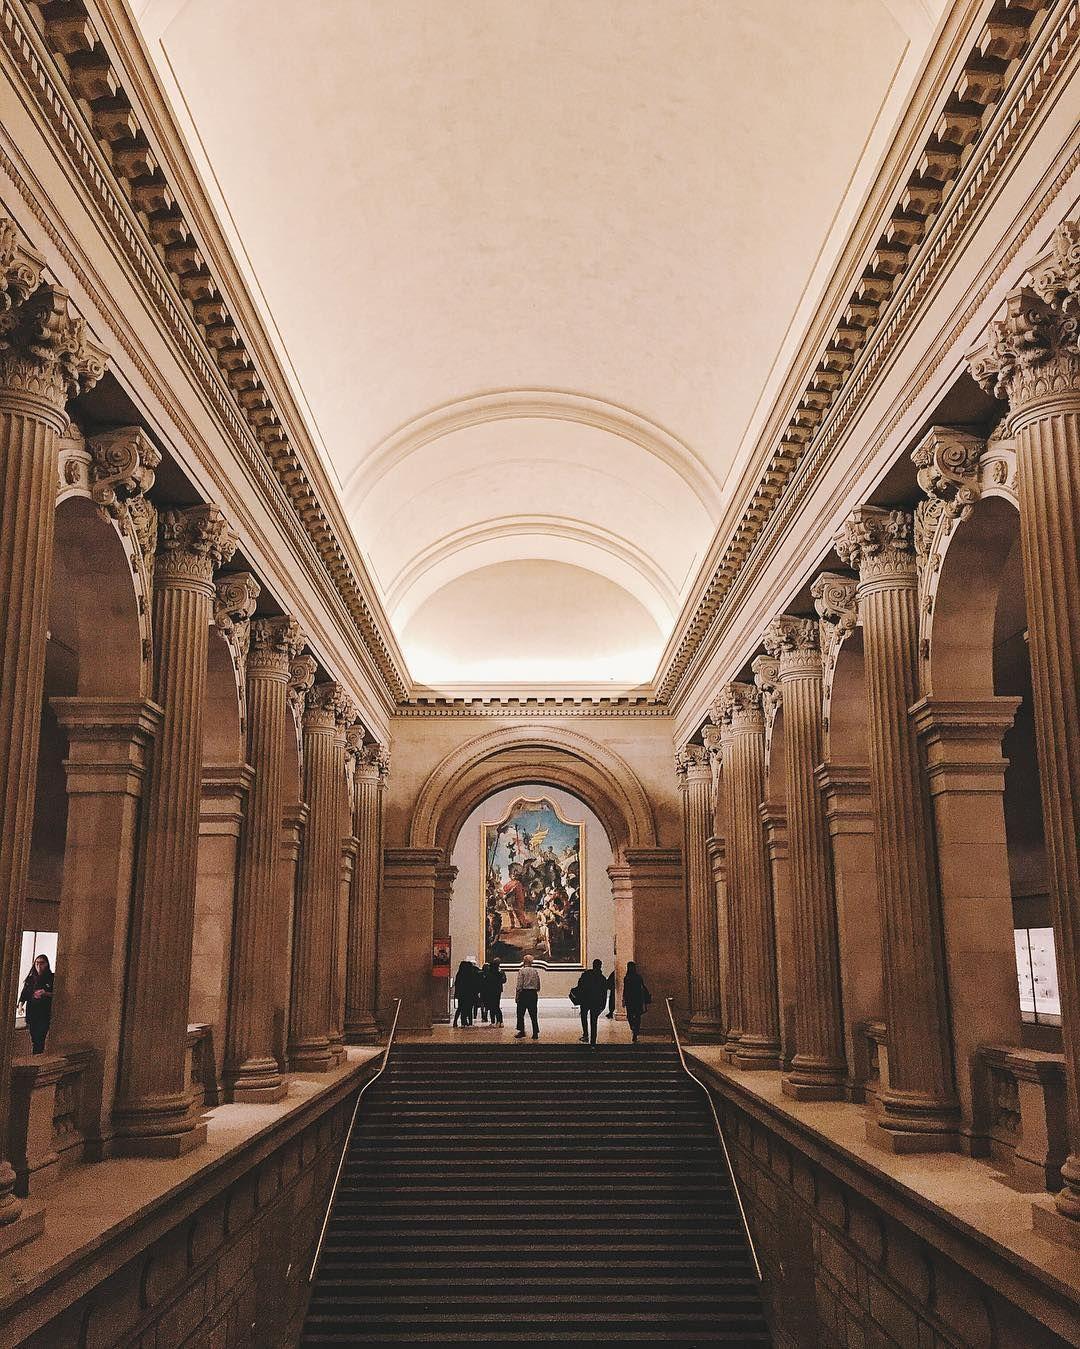 Αποτέλεσμα εικόνας για metropolitan museum of art instagram